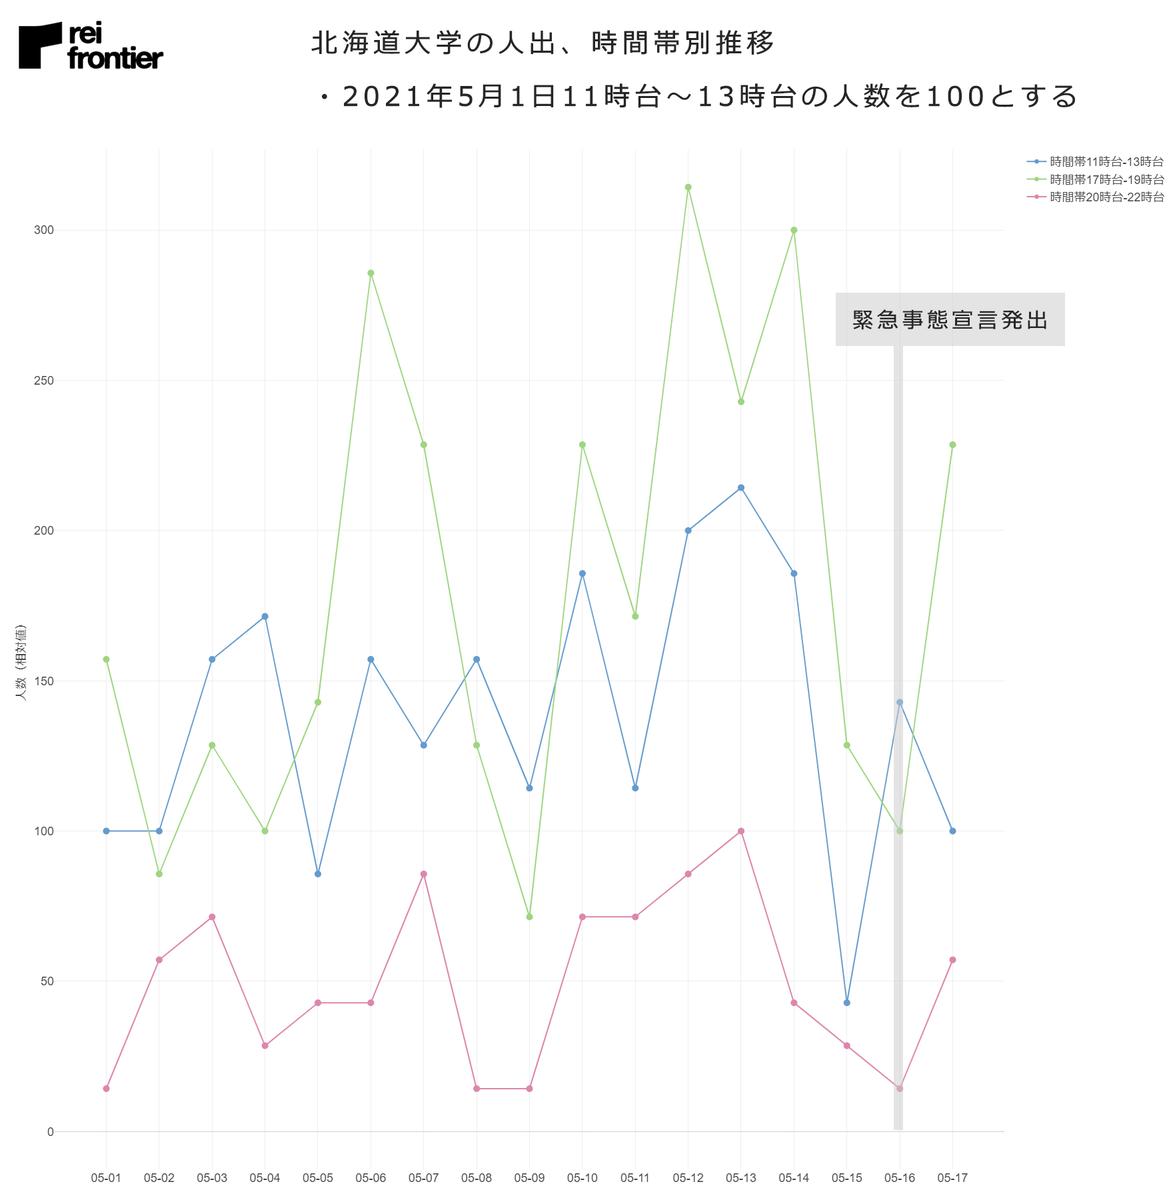 北海道大学の人出、時間帯別推移